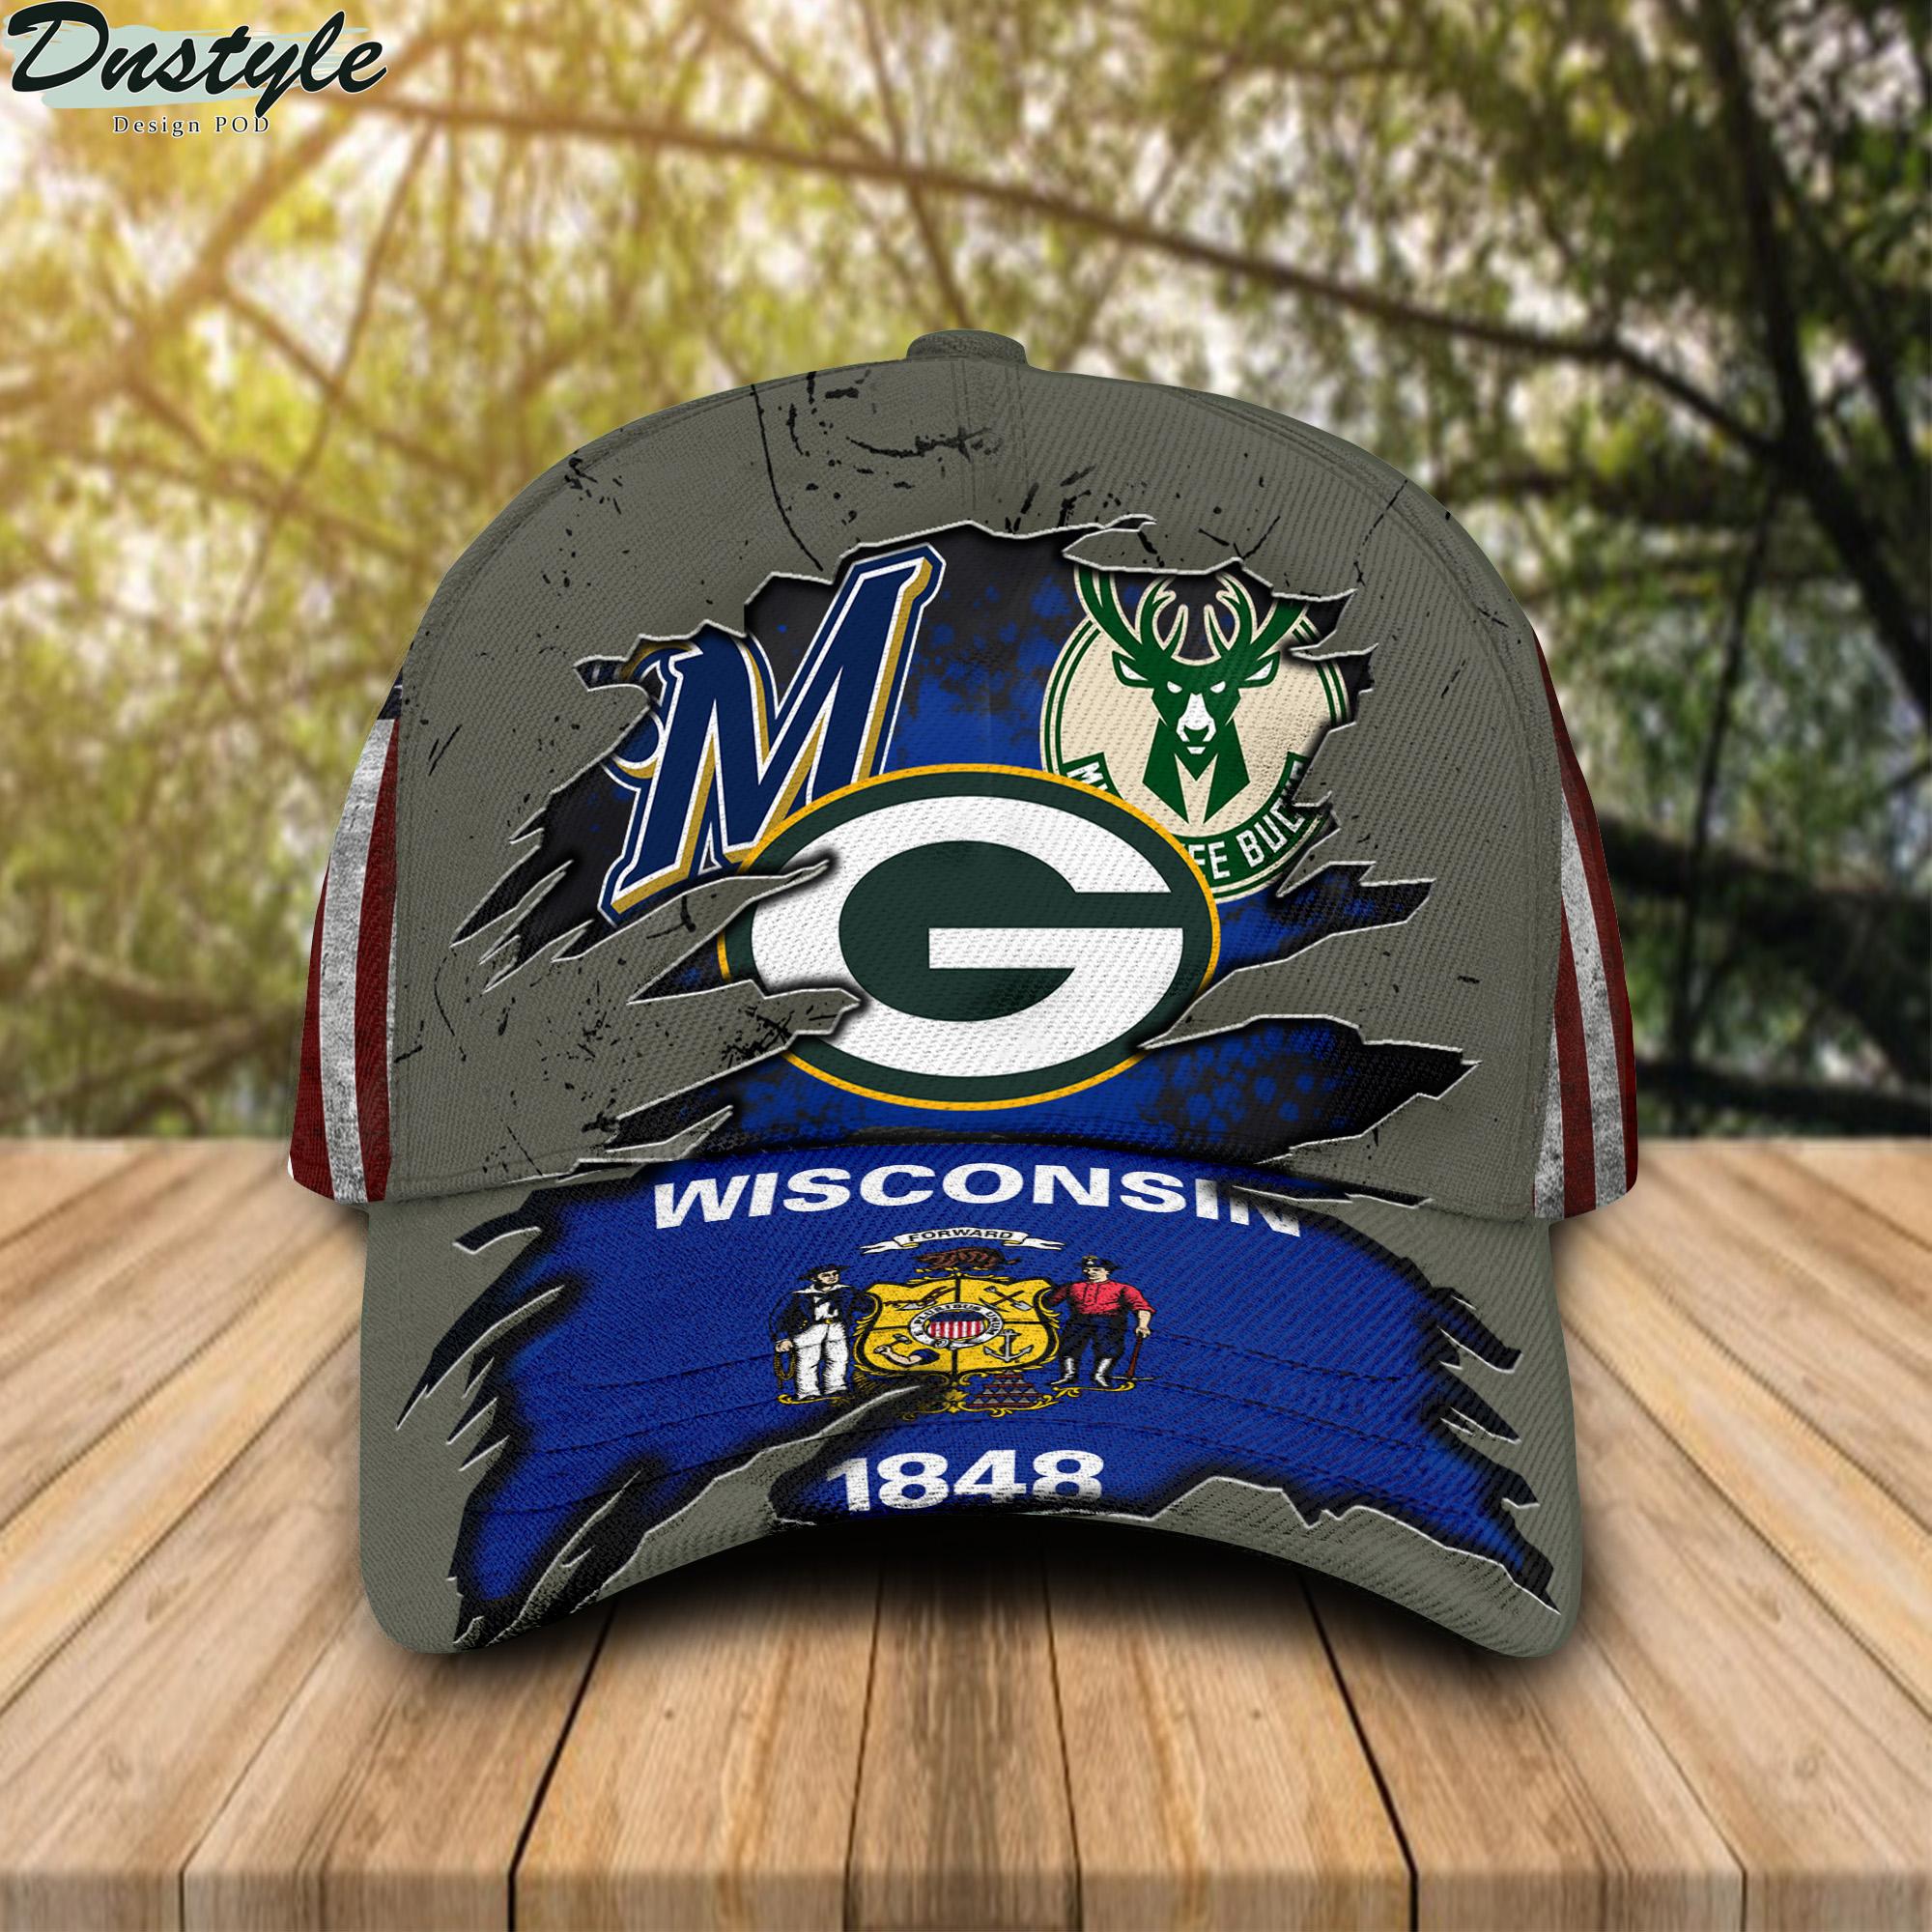 Green Bay Packers Milwaukee Brewers Milwaukee Bucks Wiscosin 1848 Cap